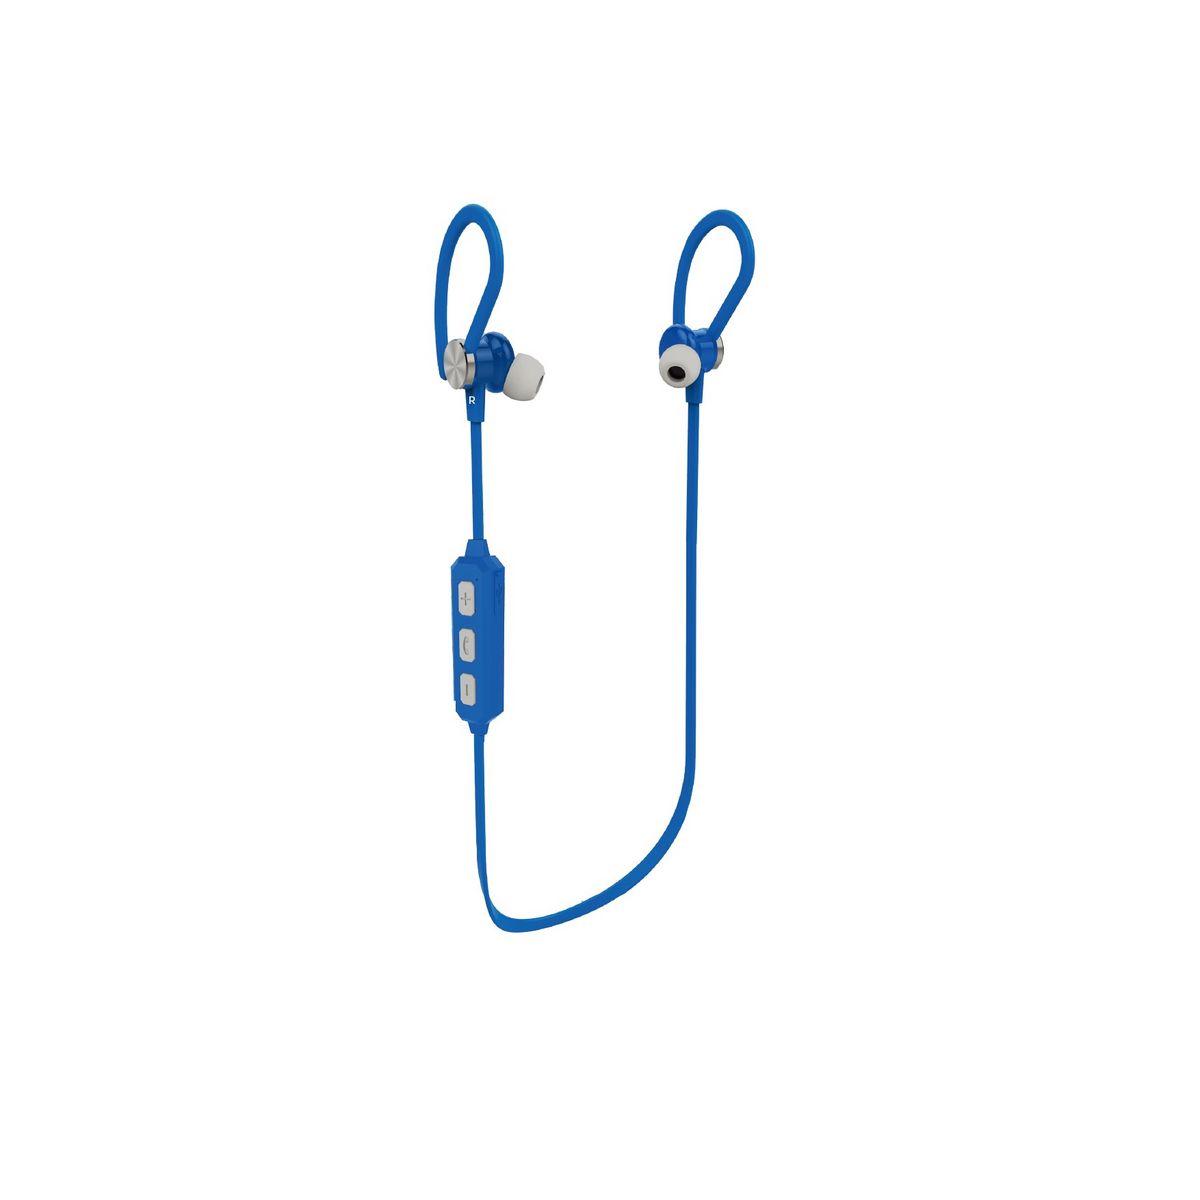 Q1164 - Bleu - Ecouteurs sans fil